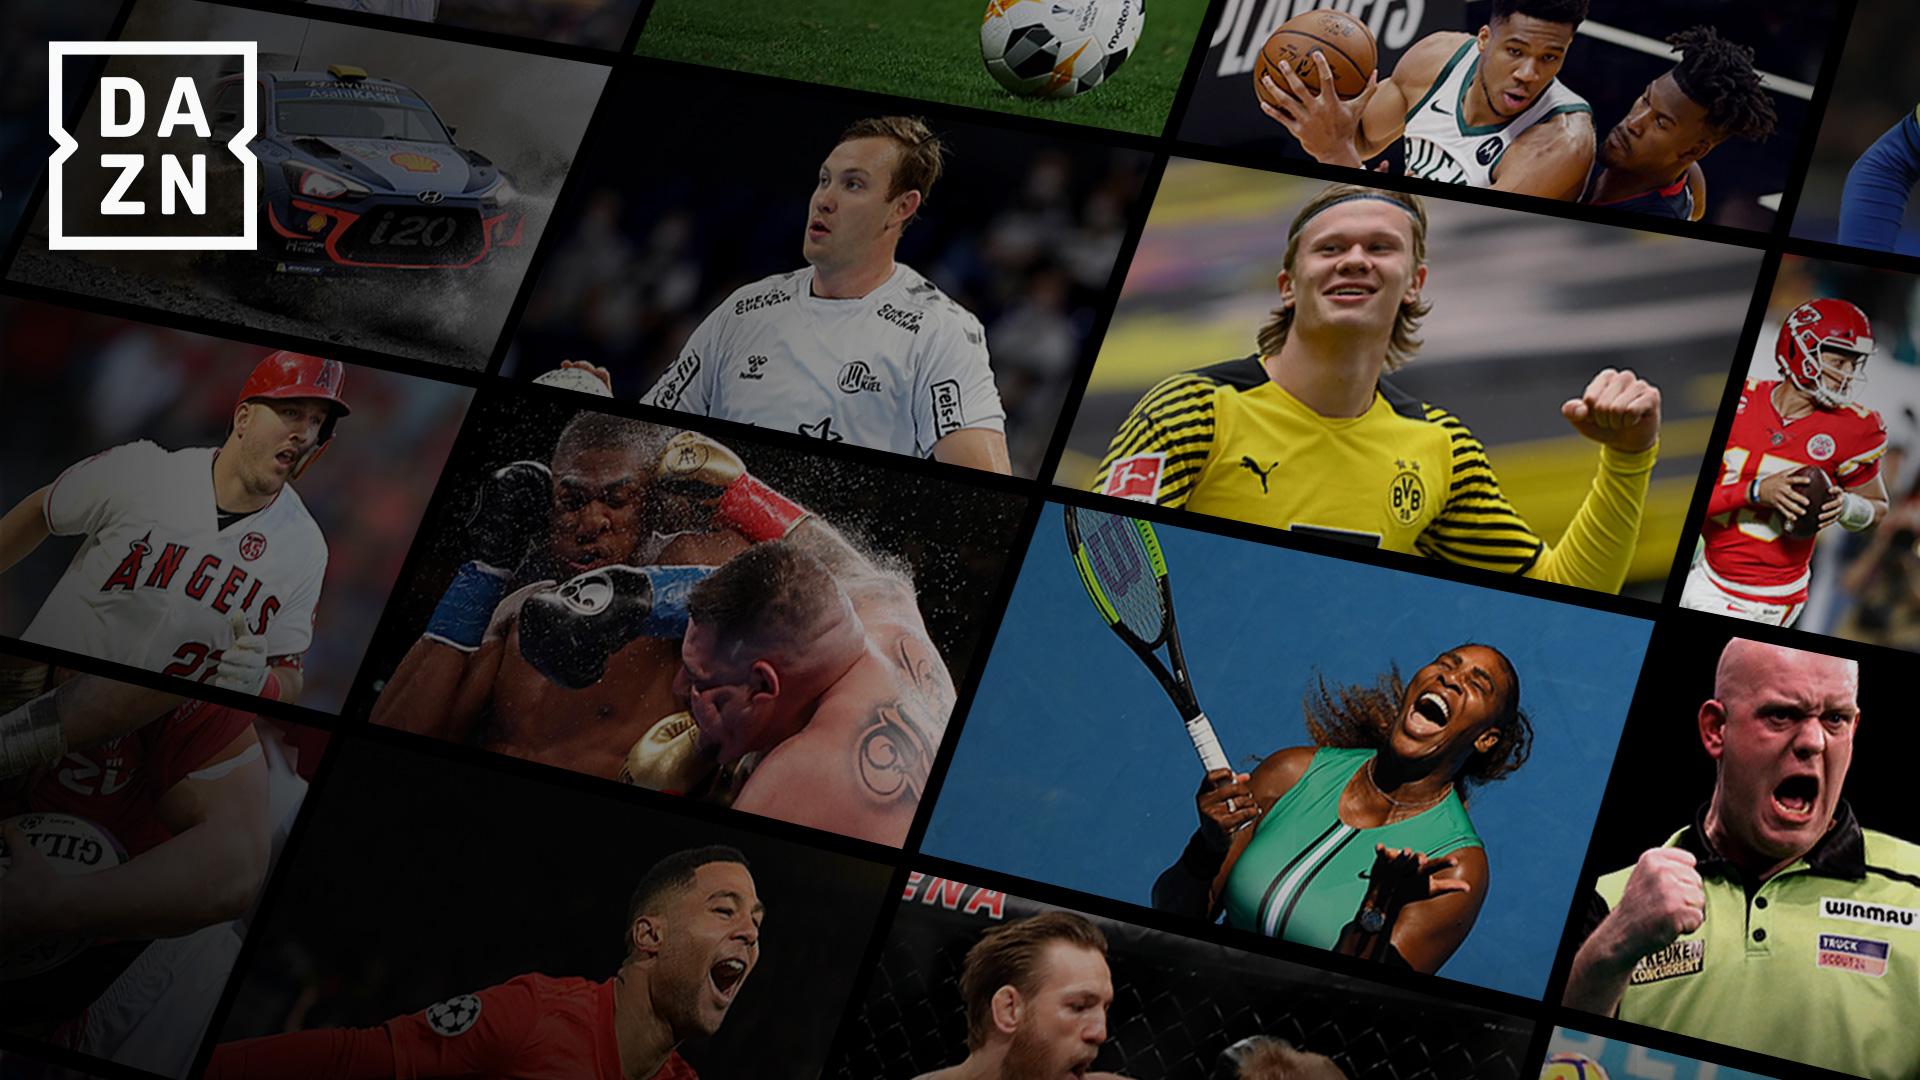 Sportszenen aus dem Programm von DAZN in einer Collage.